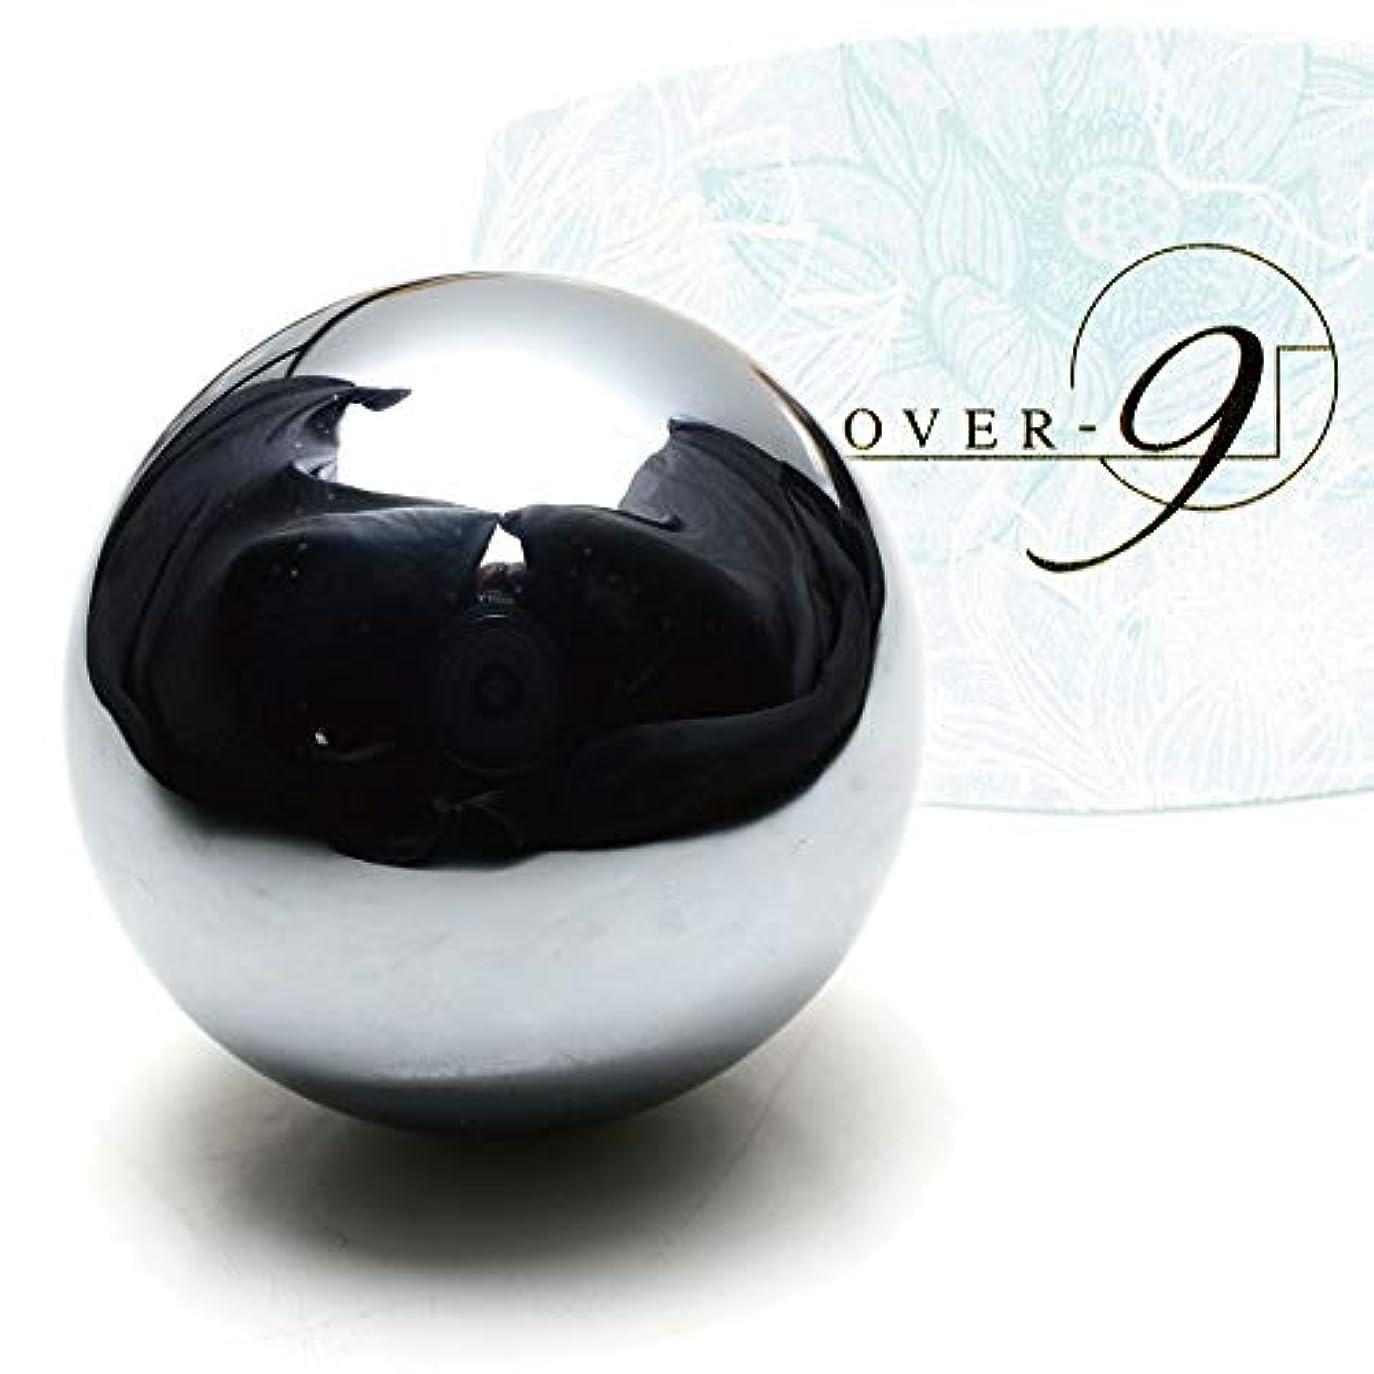 ムスふさわしいブレークテラヘルツ ボール 30mm 丸玉 マッサージボール 公的機関にて検査済み!パワーストーン 天然石 健康 美容 美顔 かっさ グッズ